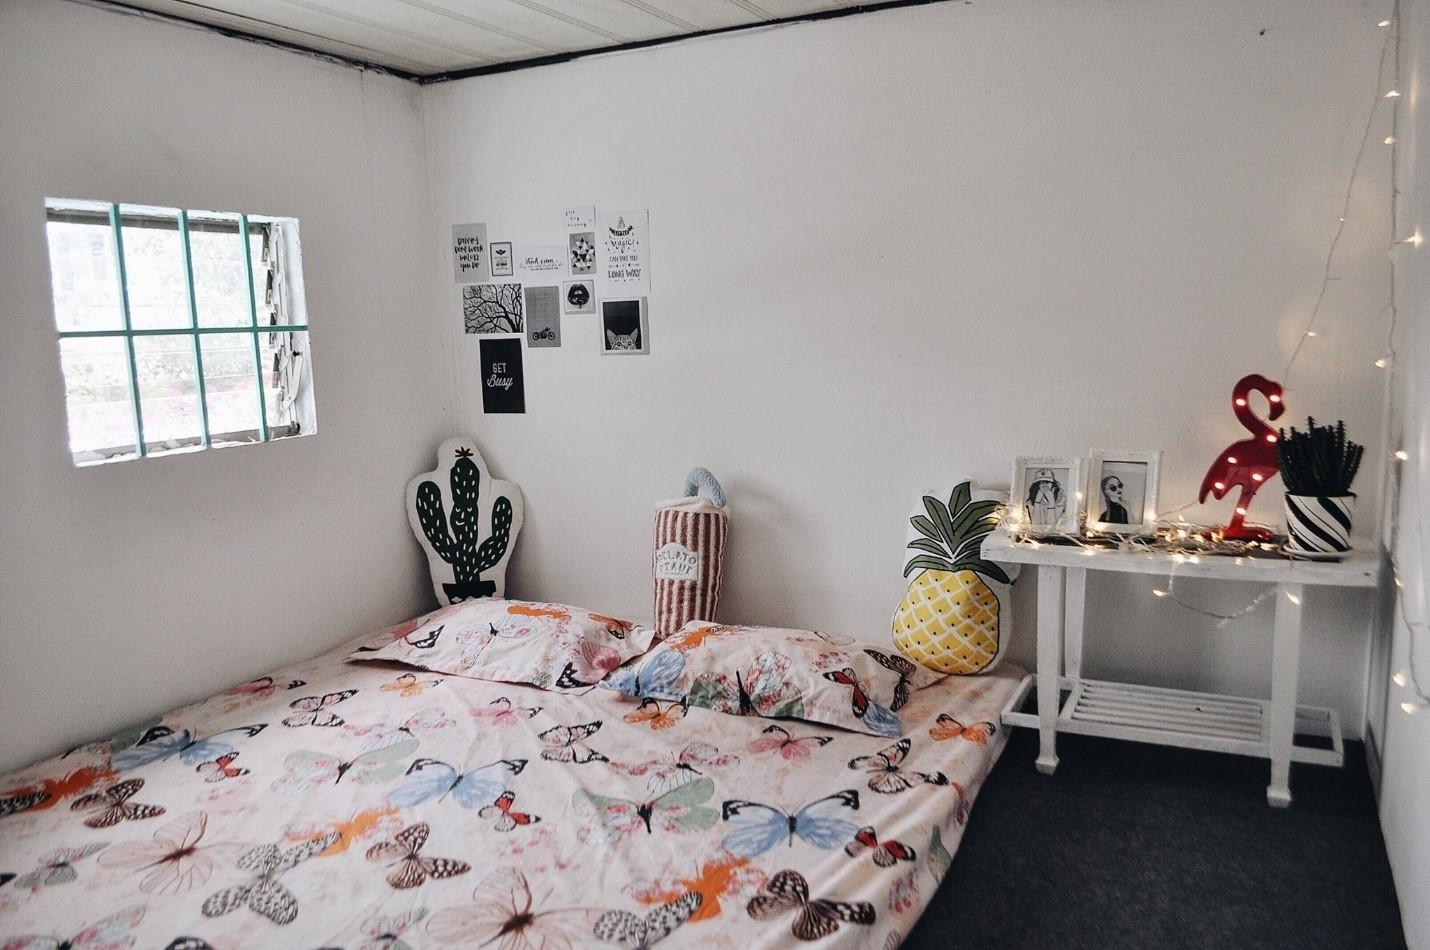 10 homestay Vũng Tàu cho nhóm đông người, có phòng dorm, tập thể cho phượt thủ